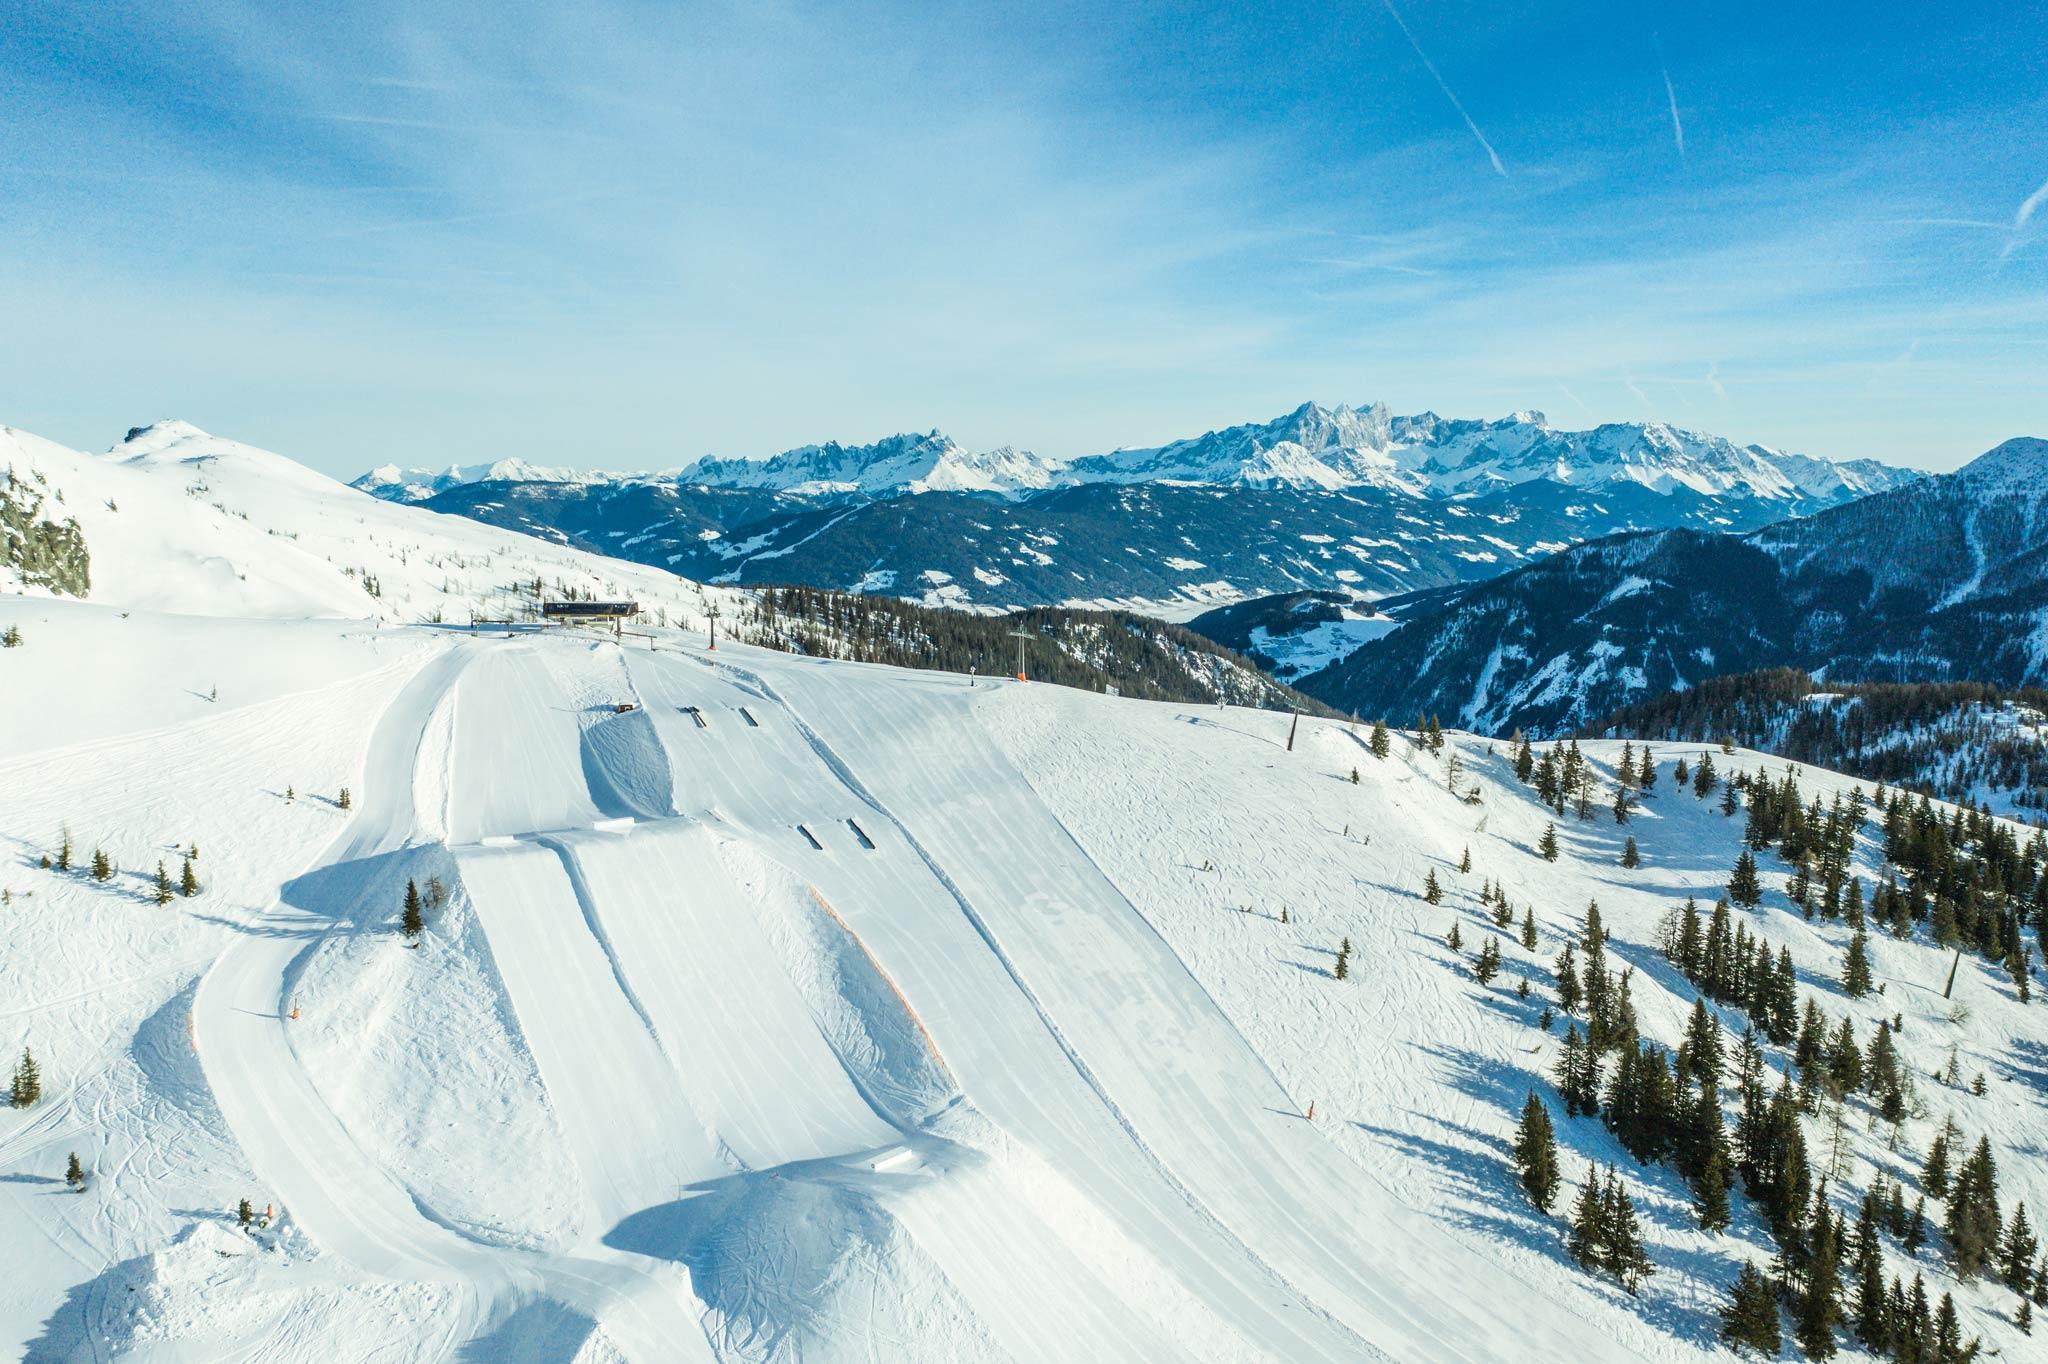 Blick auf den Start des Parks aus der Luft: links die ersten Jumps, rechts die ersten Rails - Foto: Markus Rohrbacher